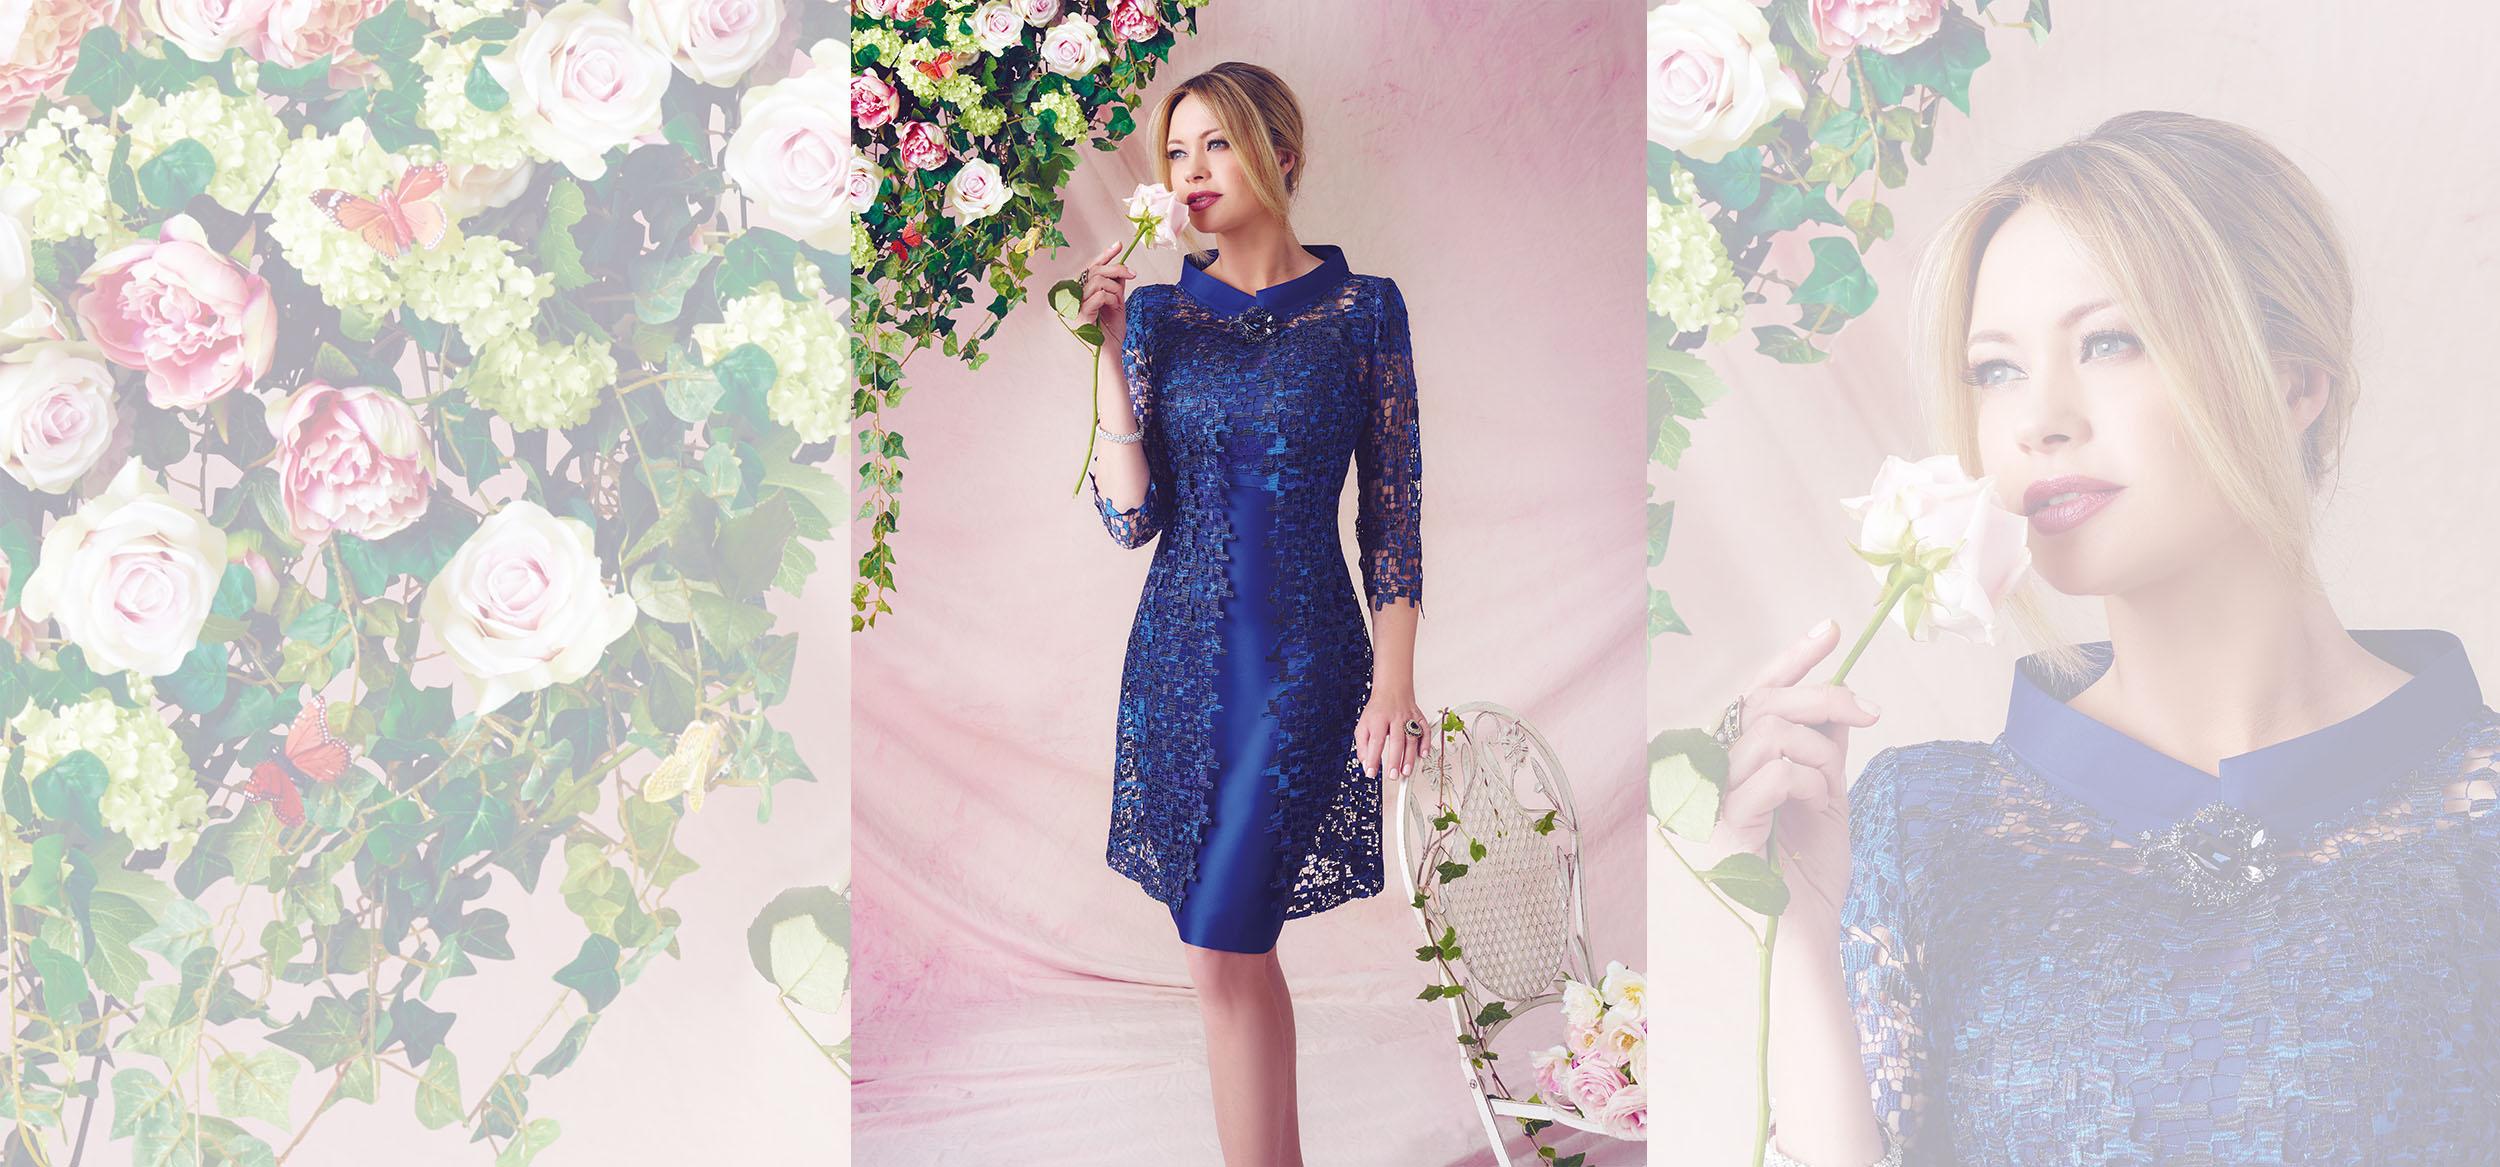 buy online bcdee ea8b0 Musani collezione Couture 2016 abiti cerimonia donna (37 ...